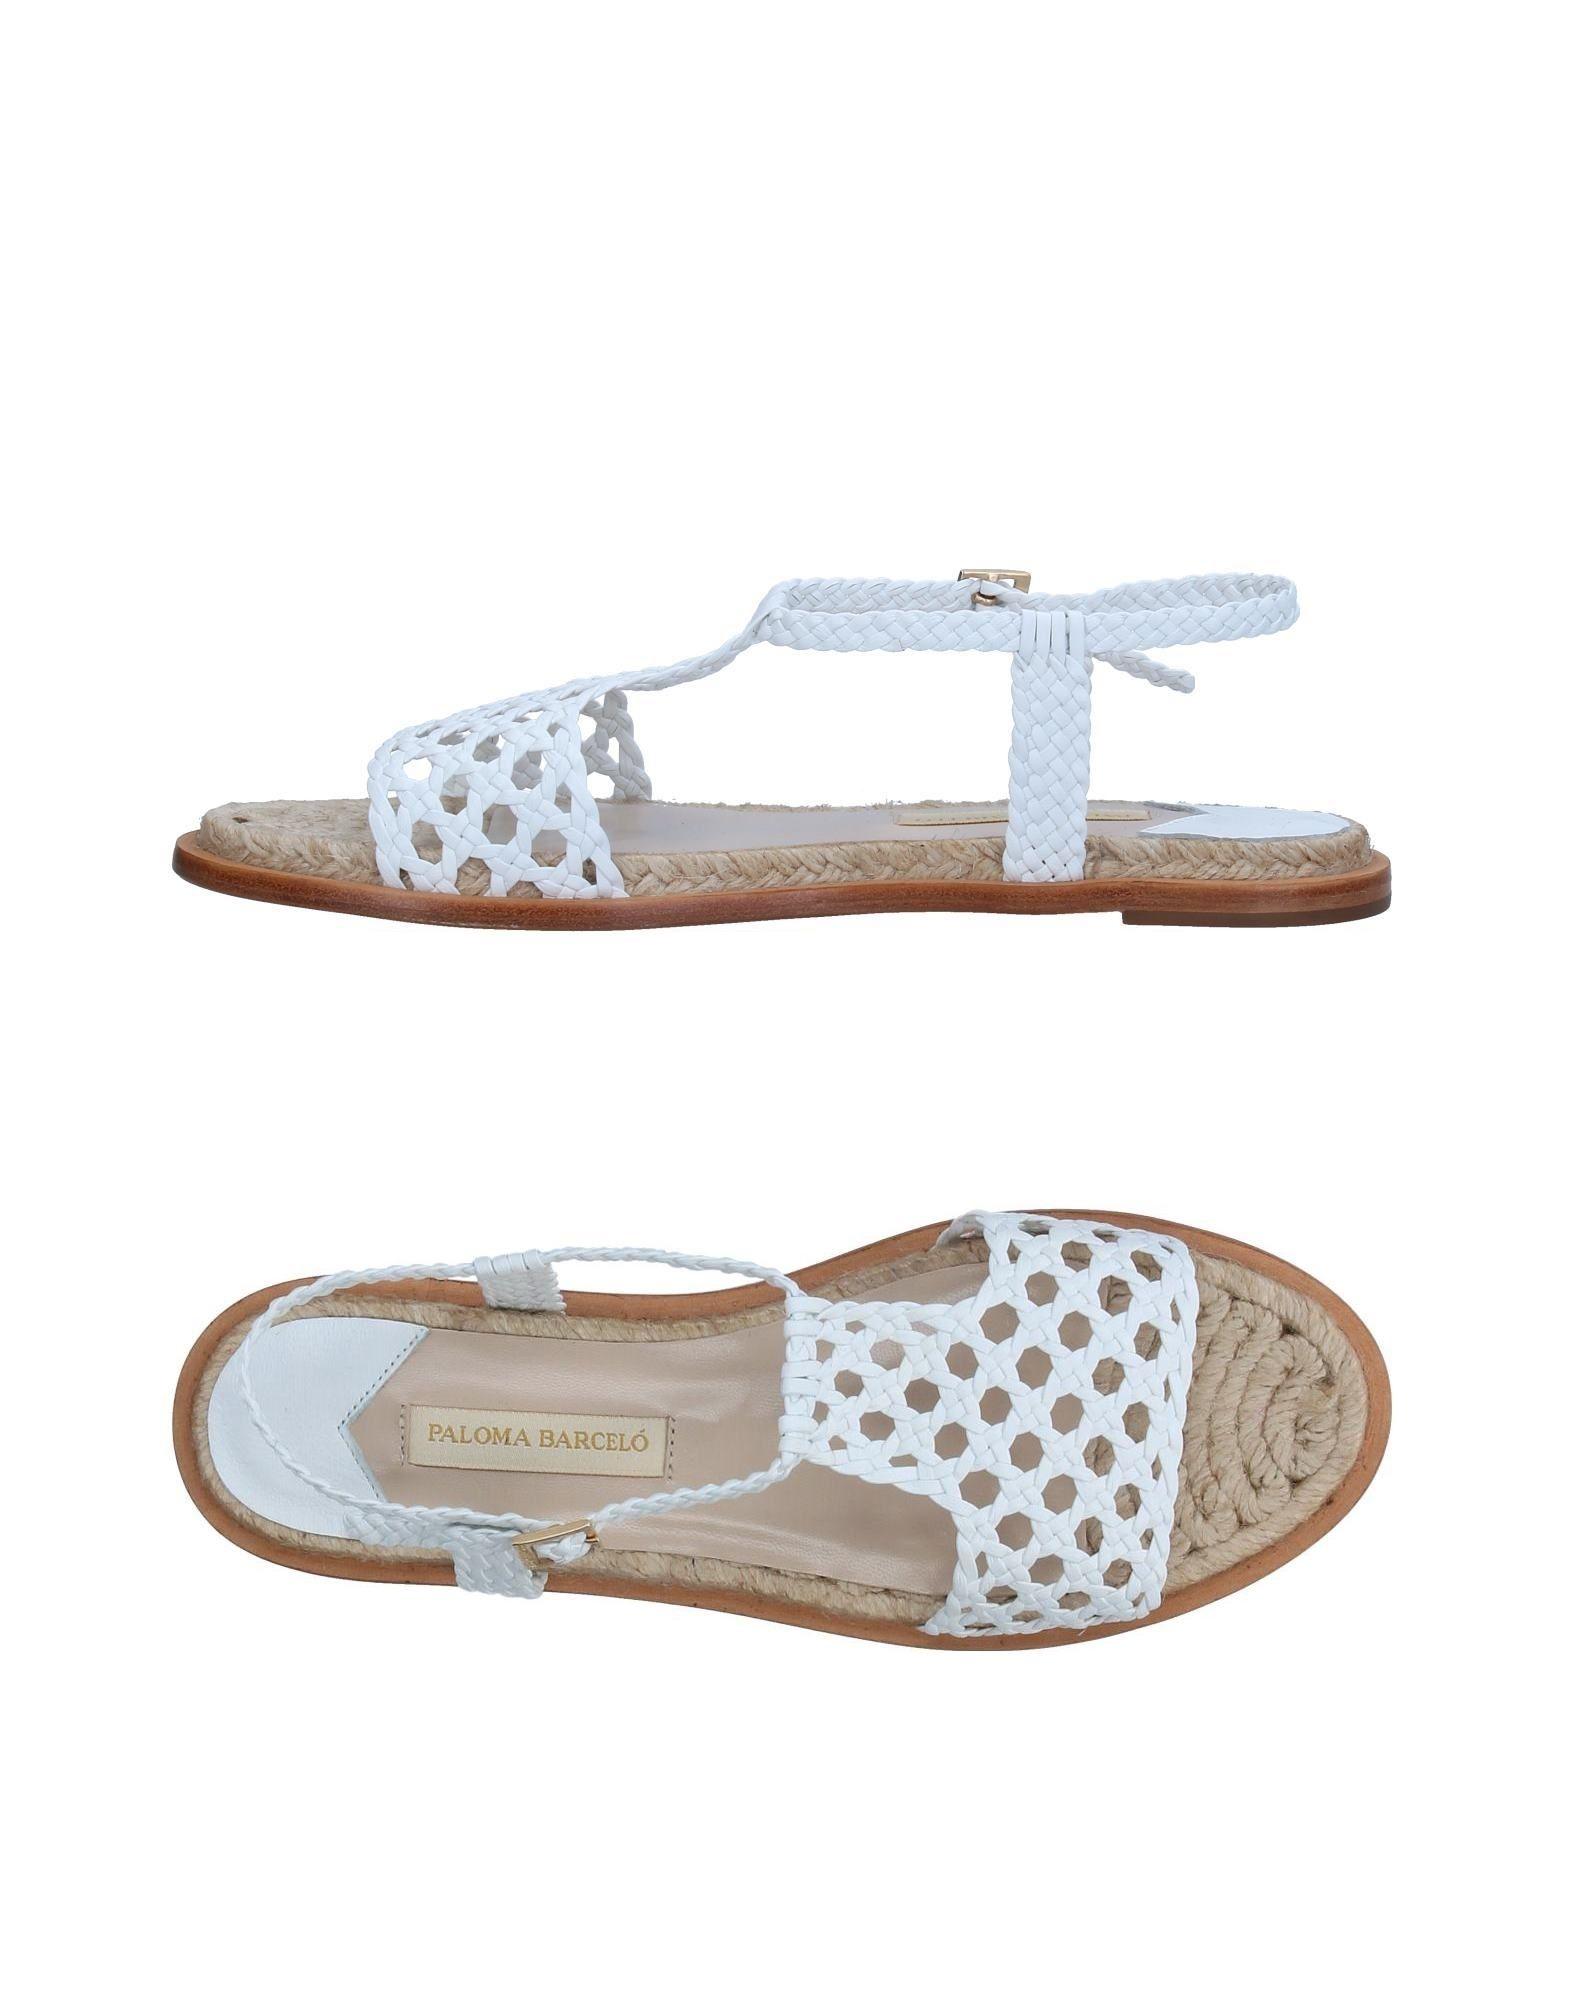 Paloma Barceló Sandalen Damen  11332786LS Gute Qualität beliebte Schuhe